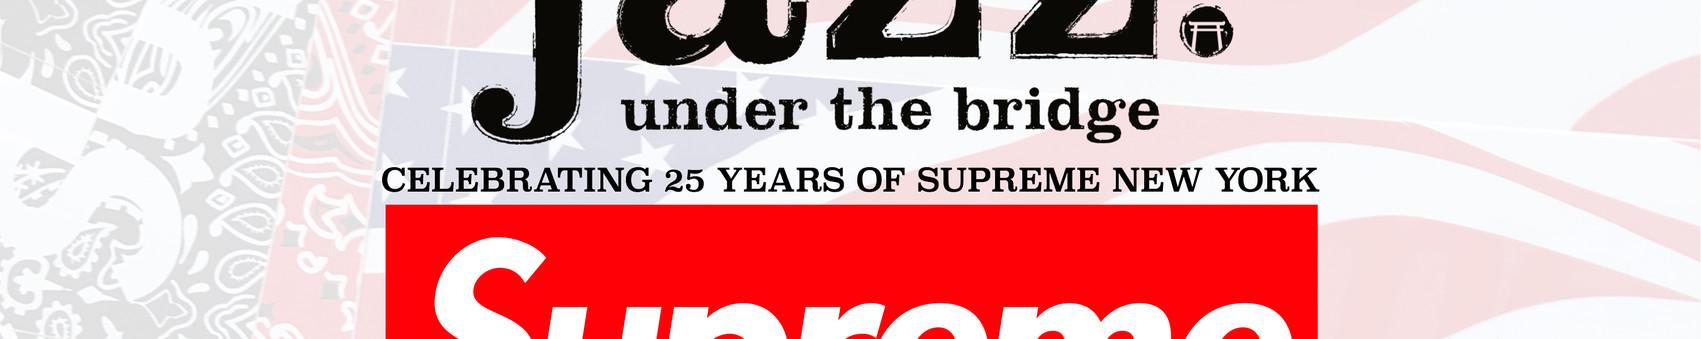 JUTB X SNY 25 Year Raffle